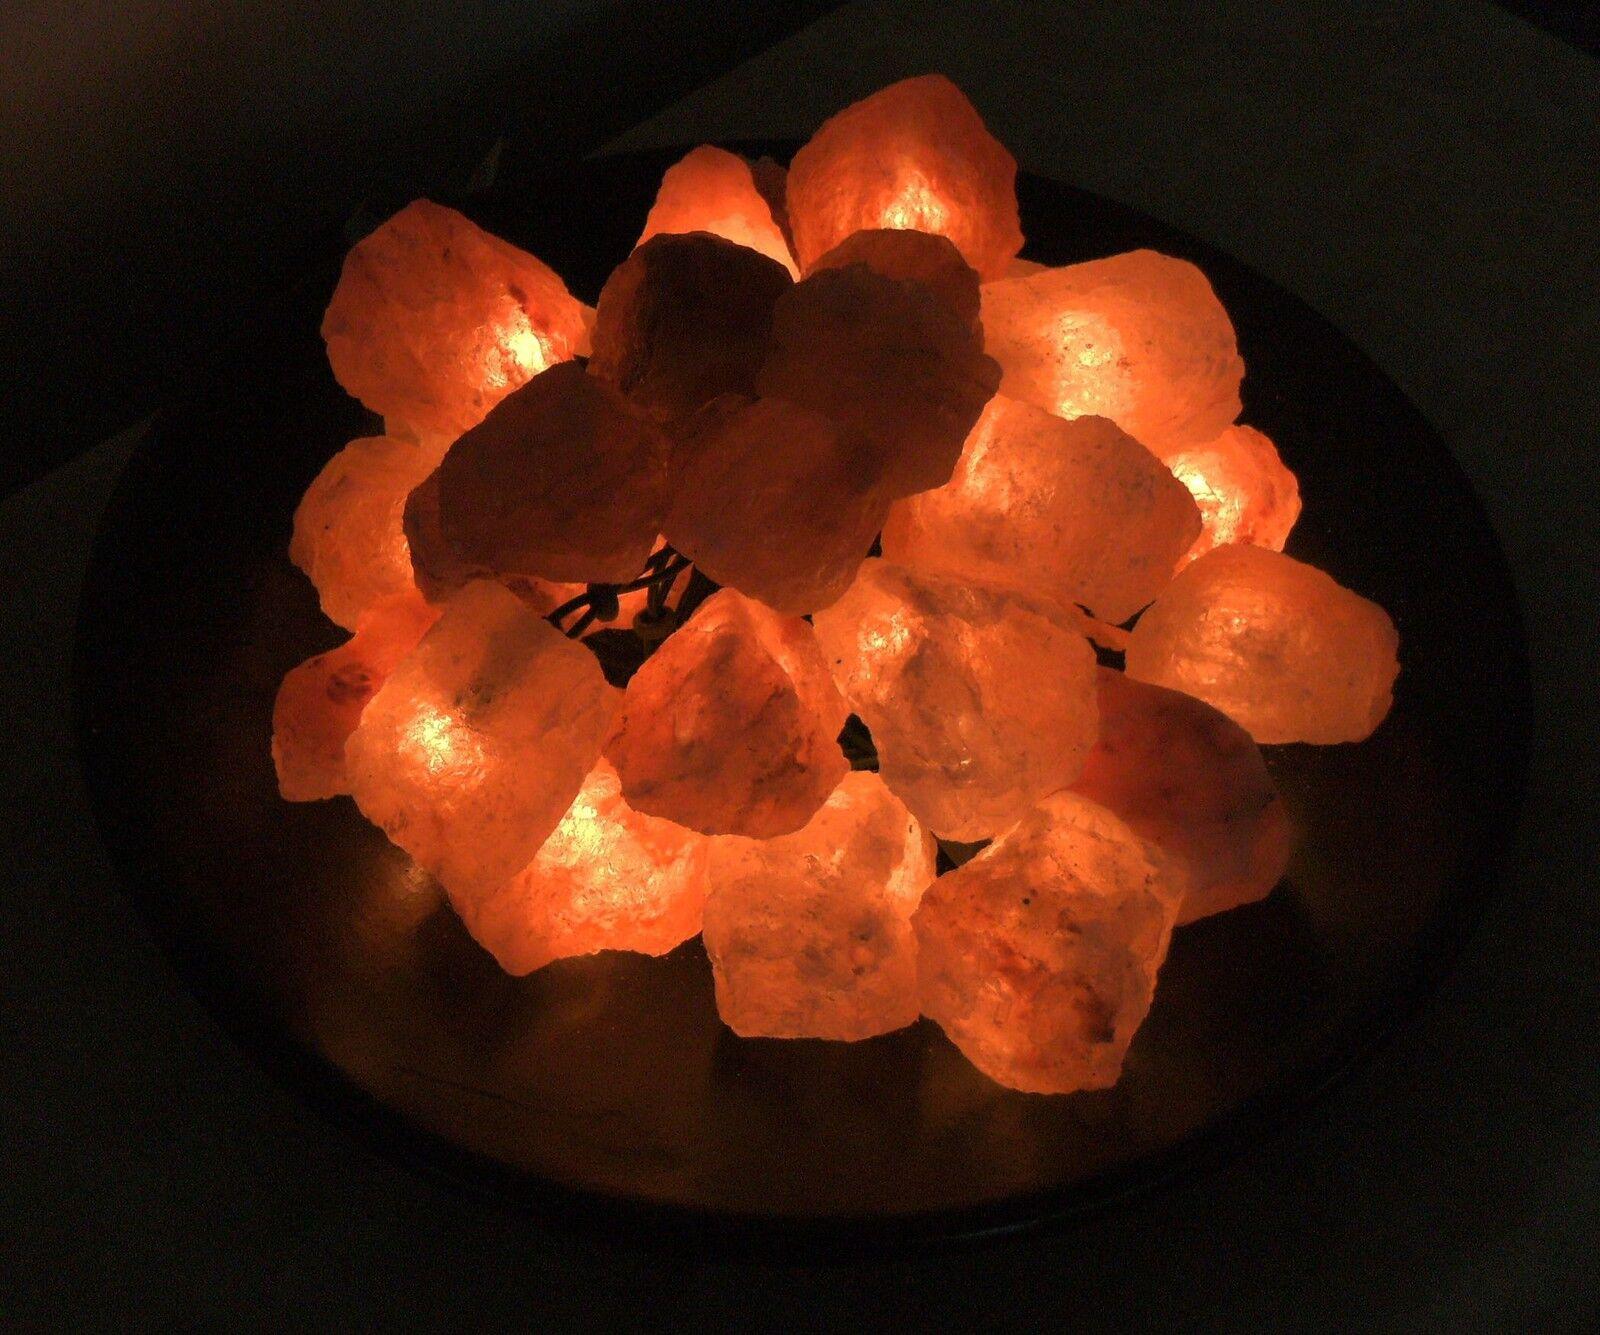 salzkristall mehr als 200 angebote fotos preise. Black Bedroom Furniture Sets. Home Design Ideas